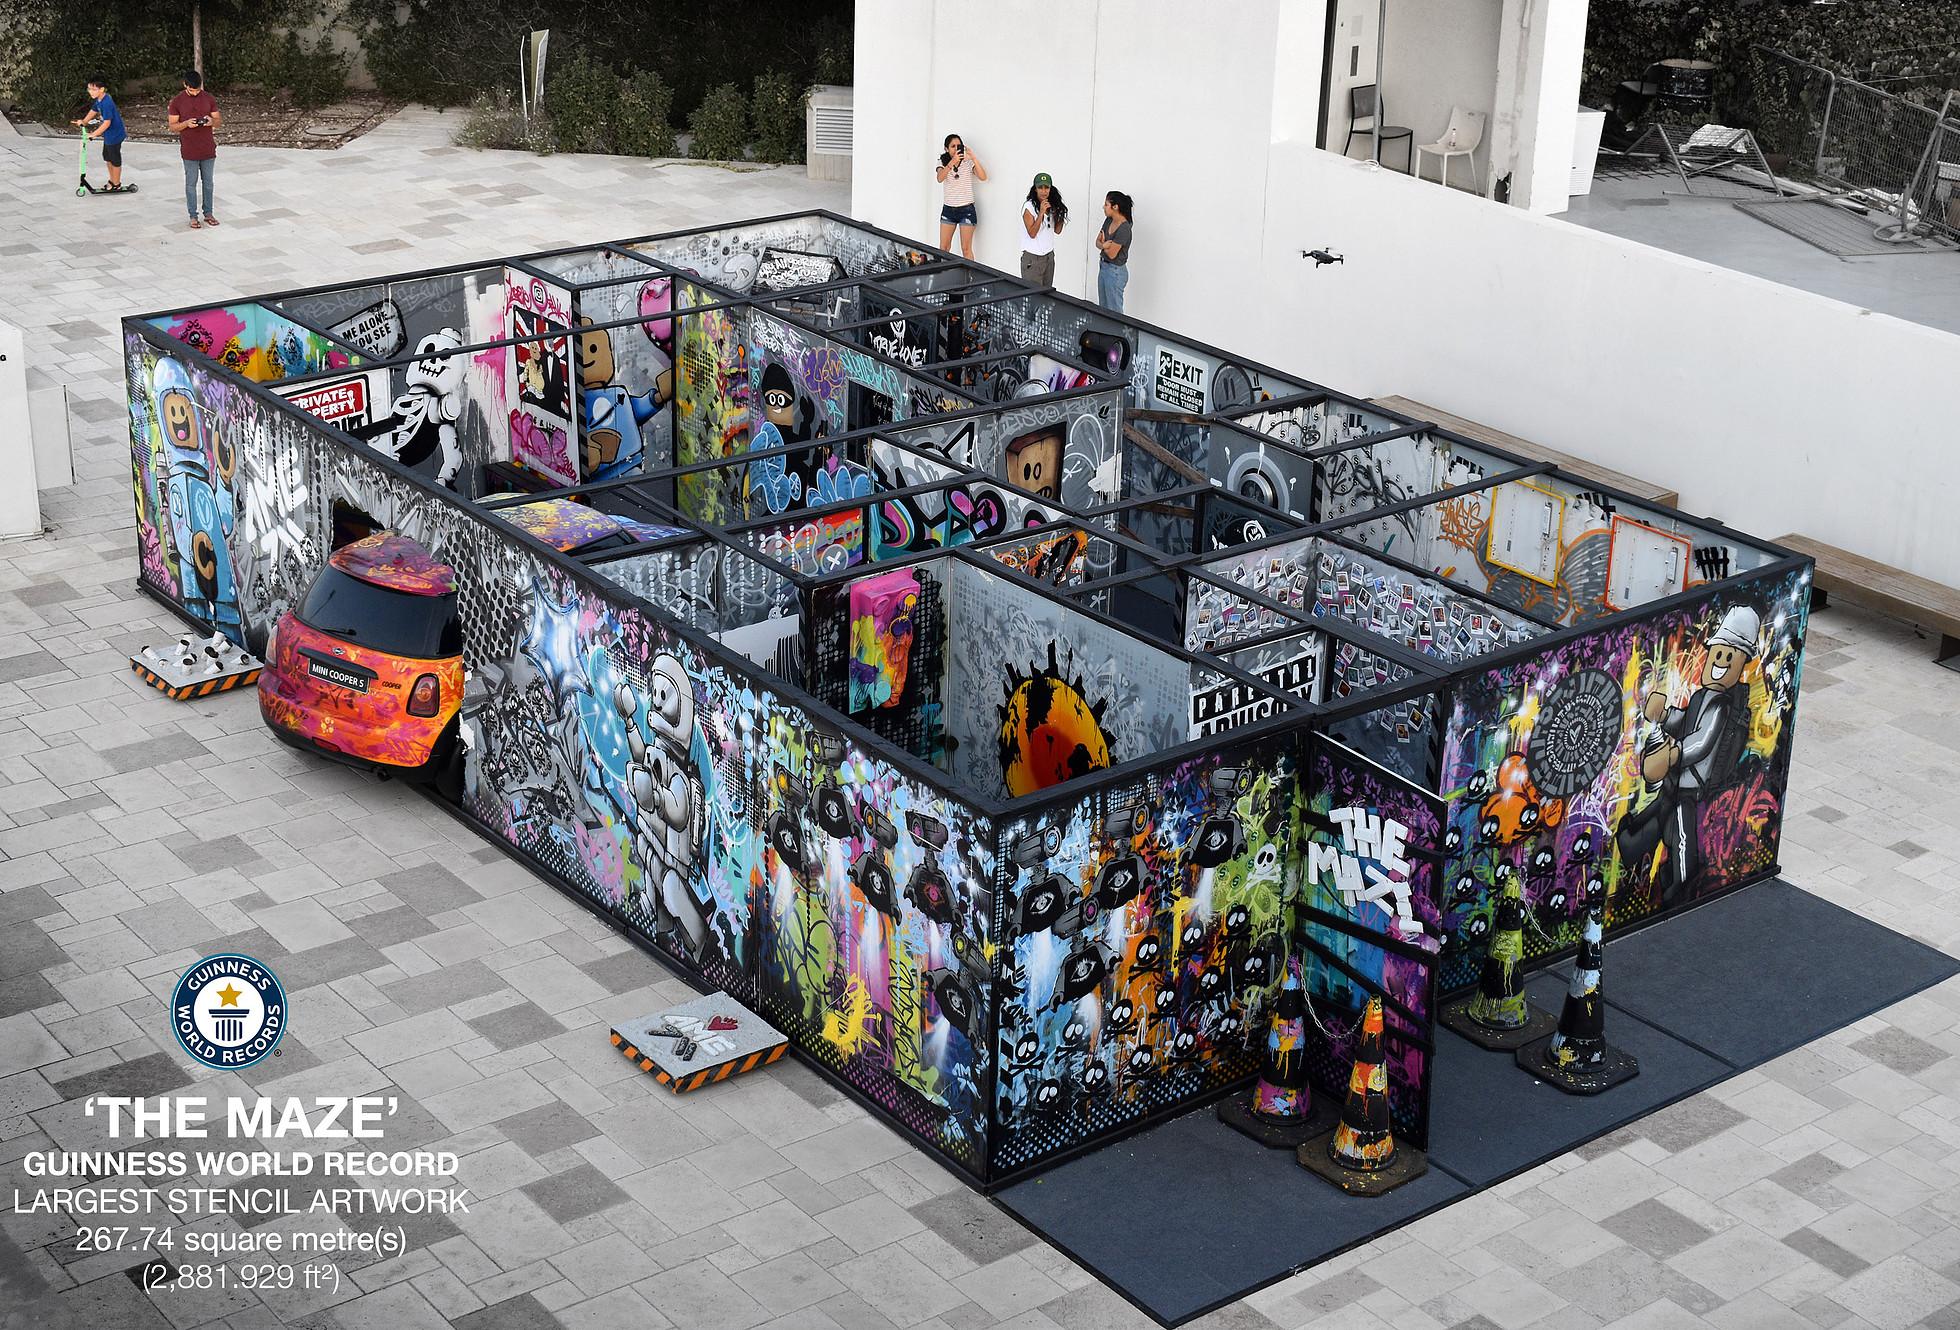 Street Art . Инсталляция «Лабиринт» художника  в «Эльма», Зихрон-Яков, Израиль.